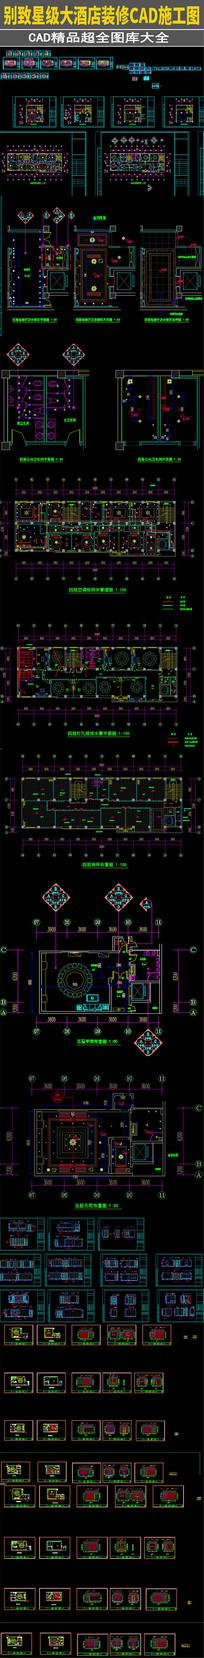 别致星级大酒店装修CAD施工图